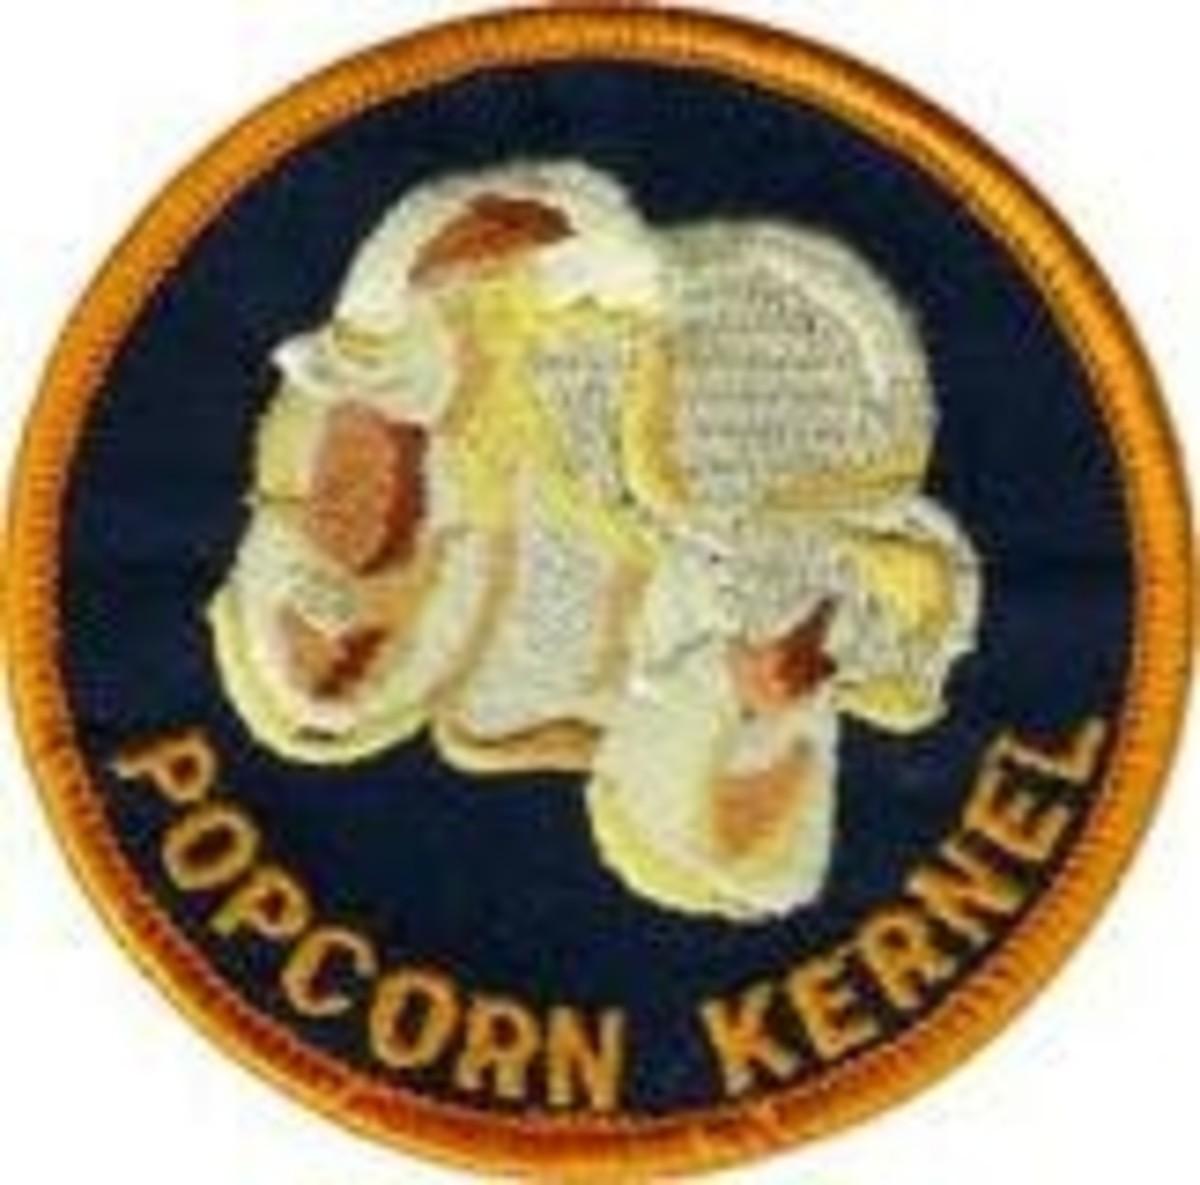 popcorn-kernel